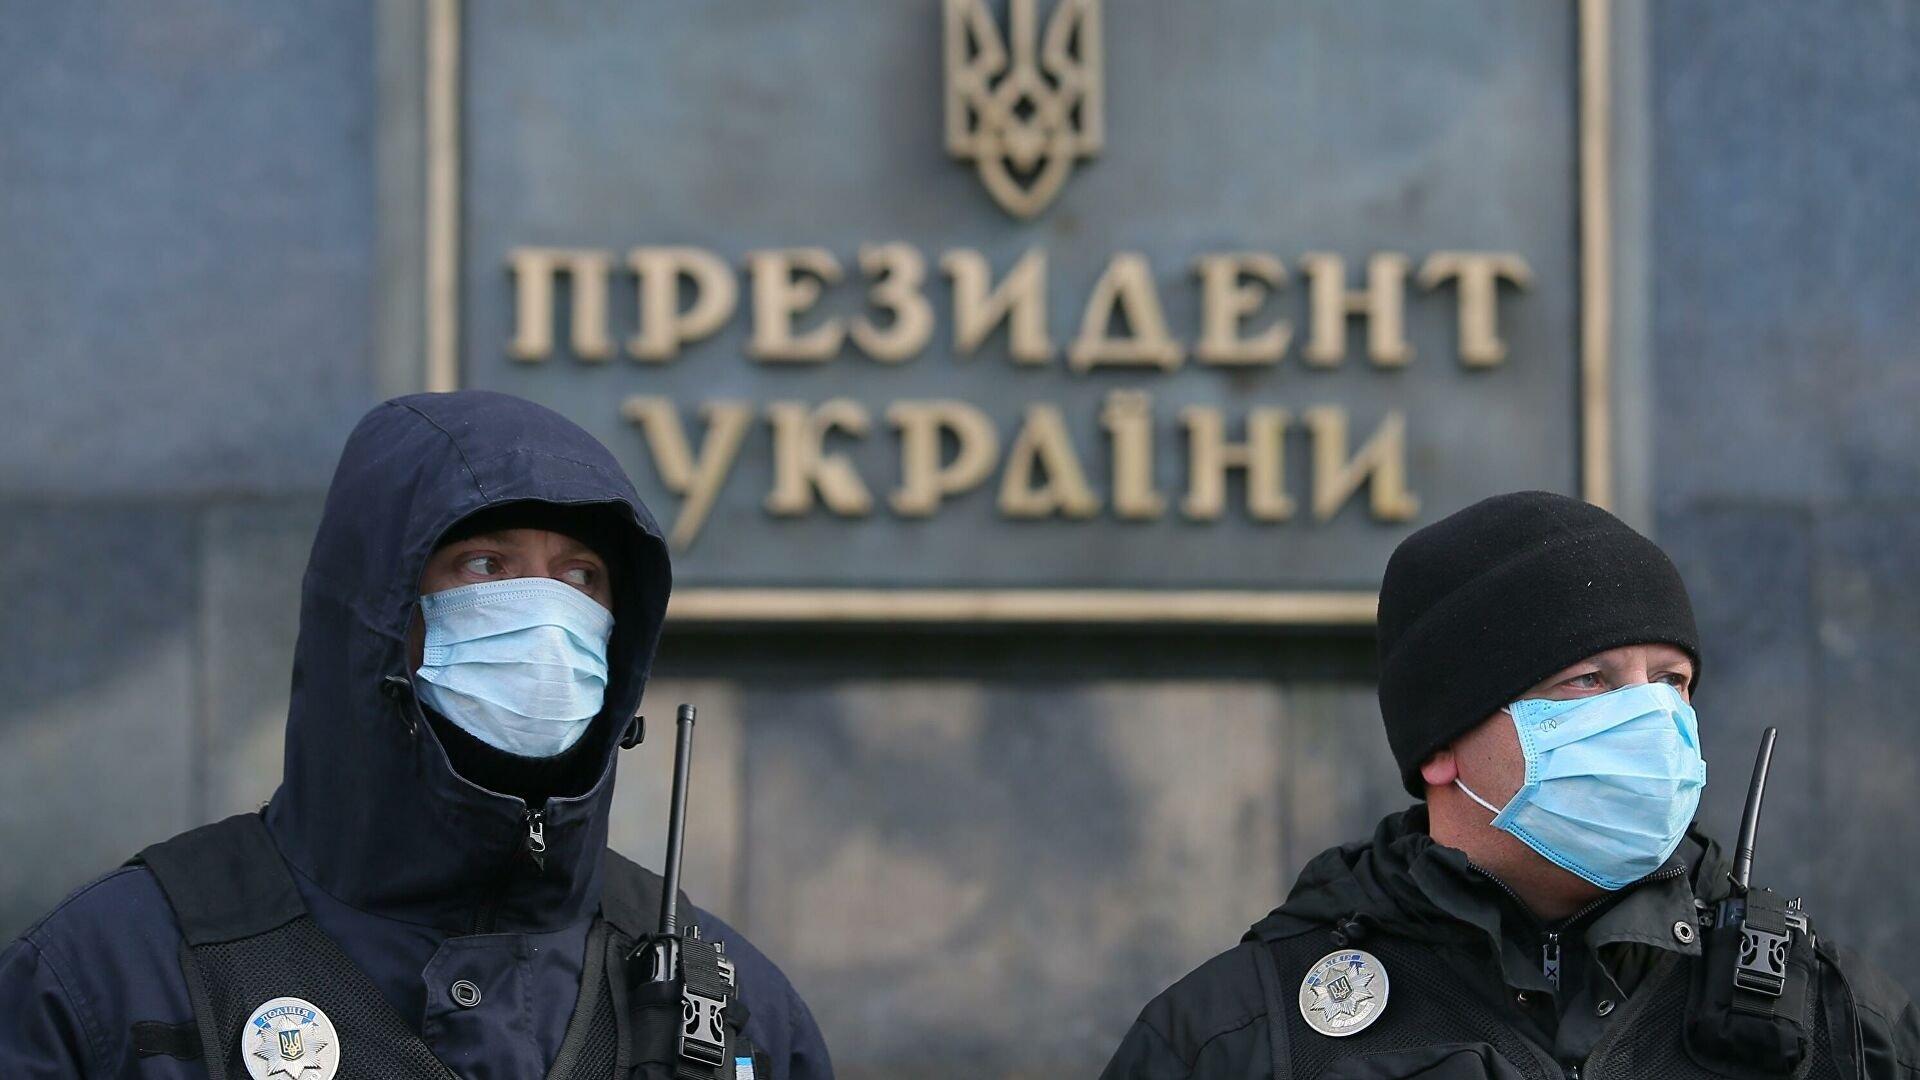 Невідомим з гранатою біля Офіса президента виявився фермер: подробиці інциденту жахають - today.ua